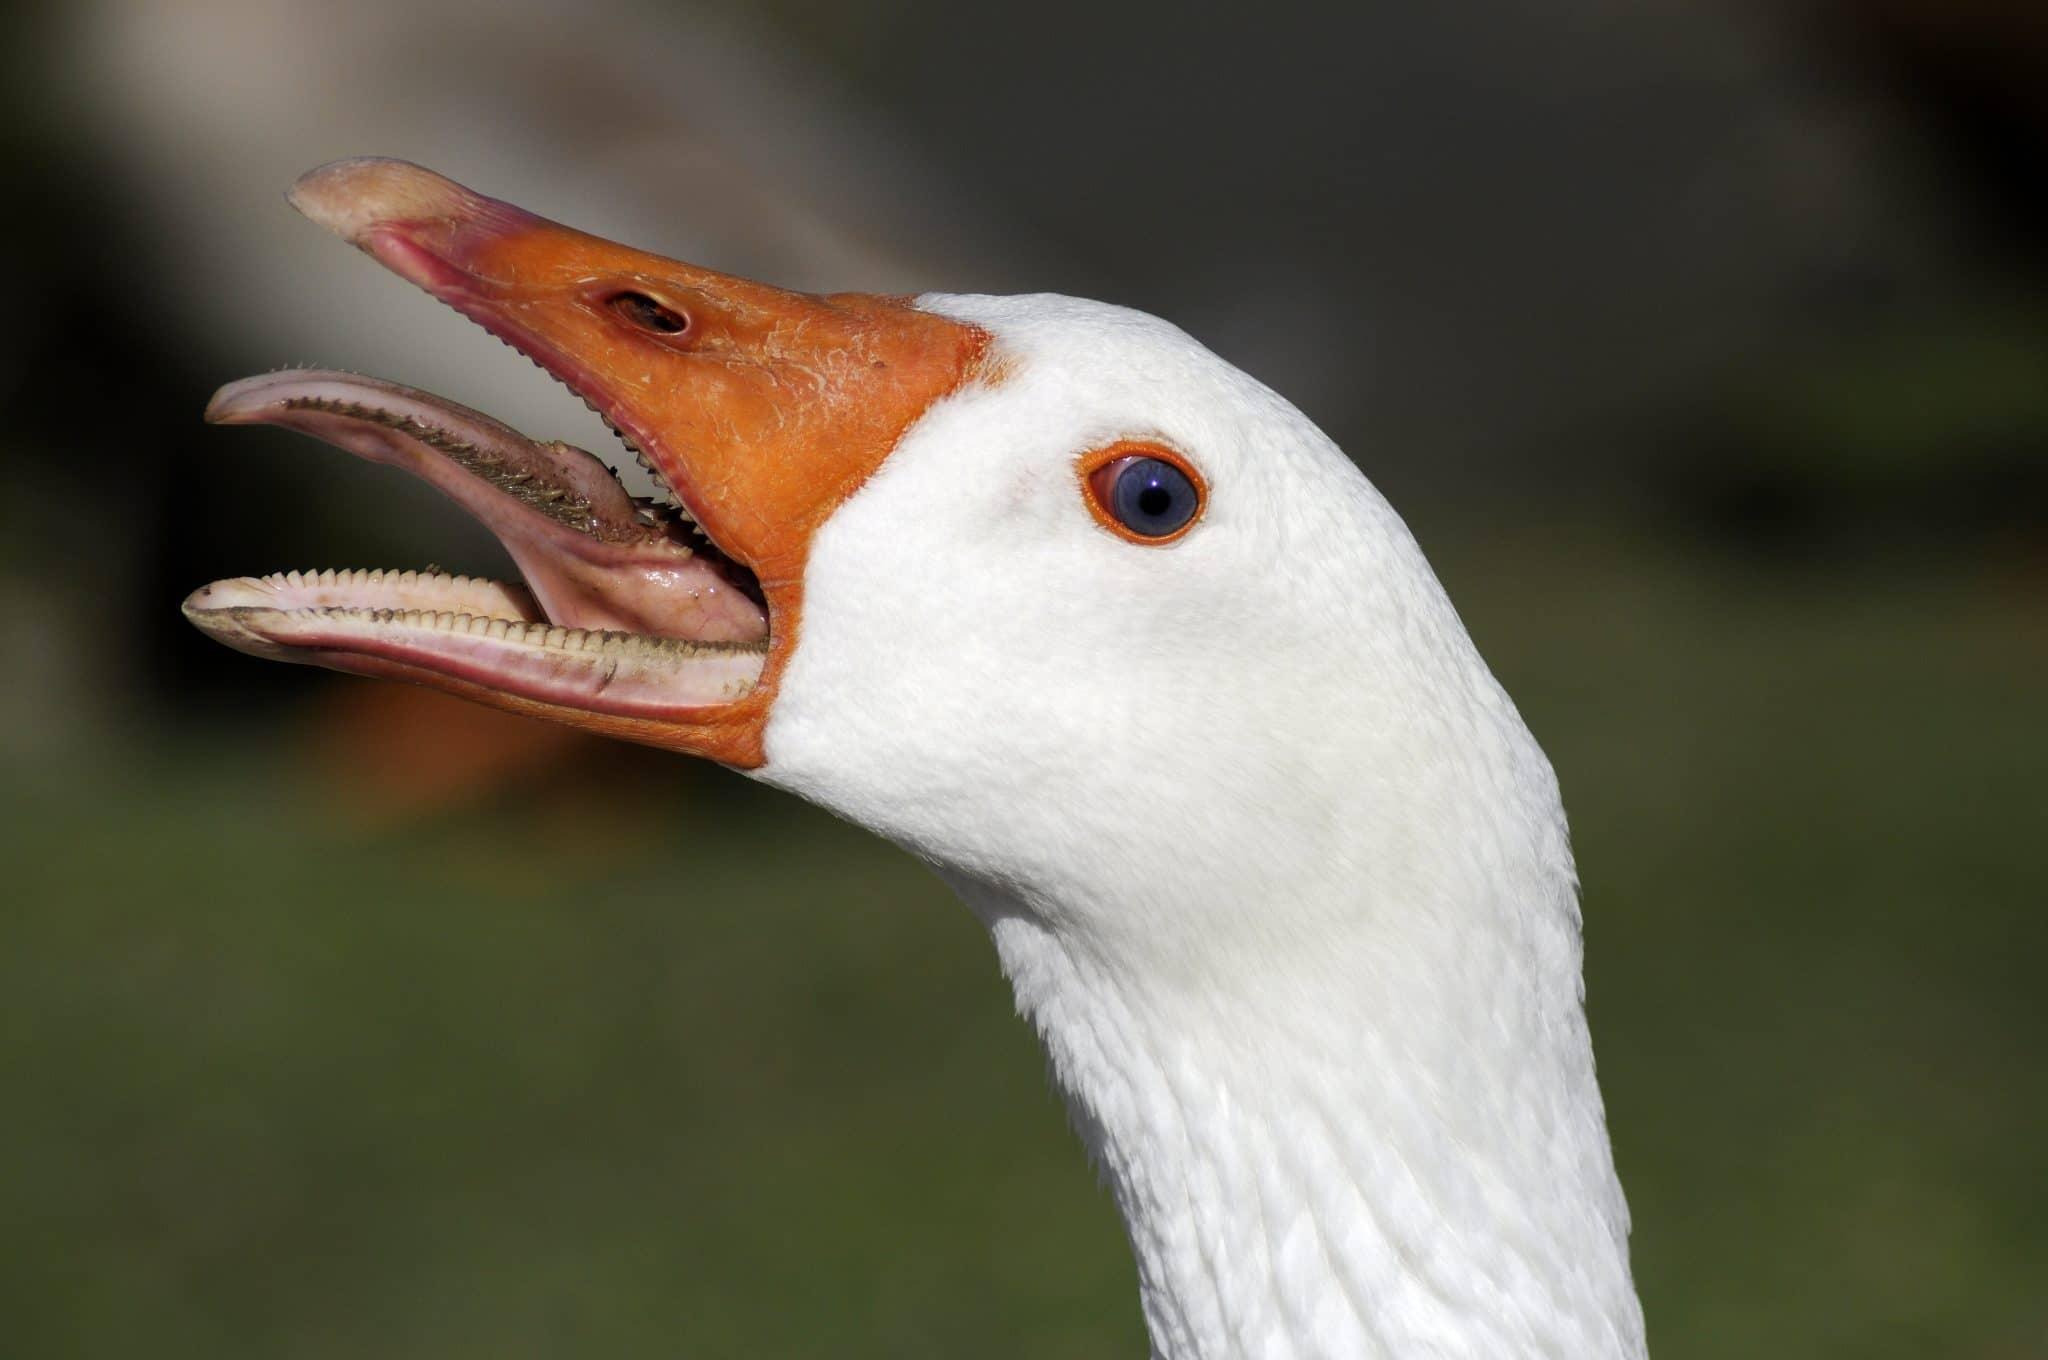 goose, preparing goose